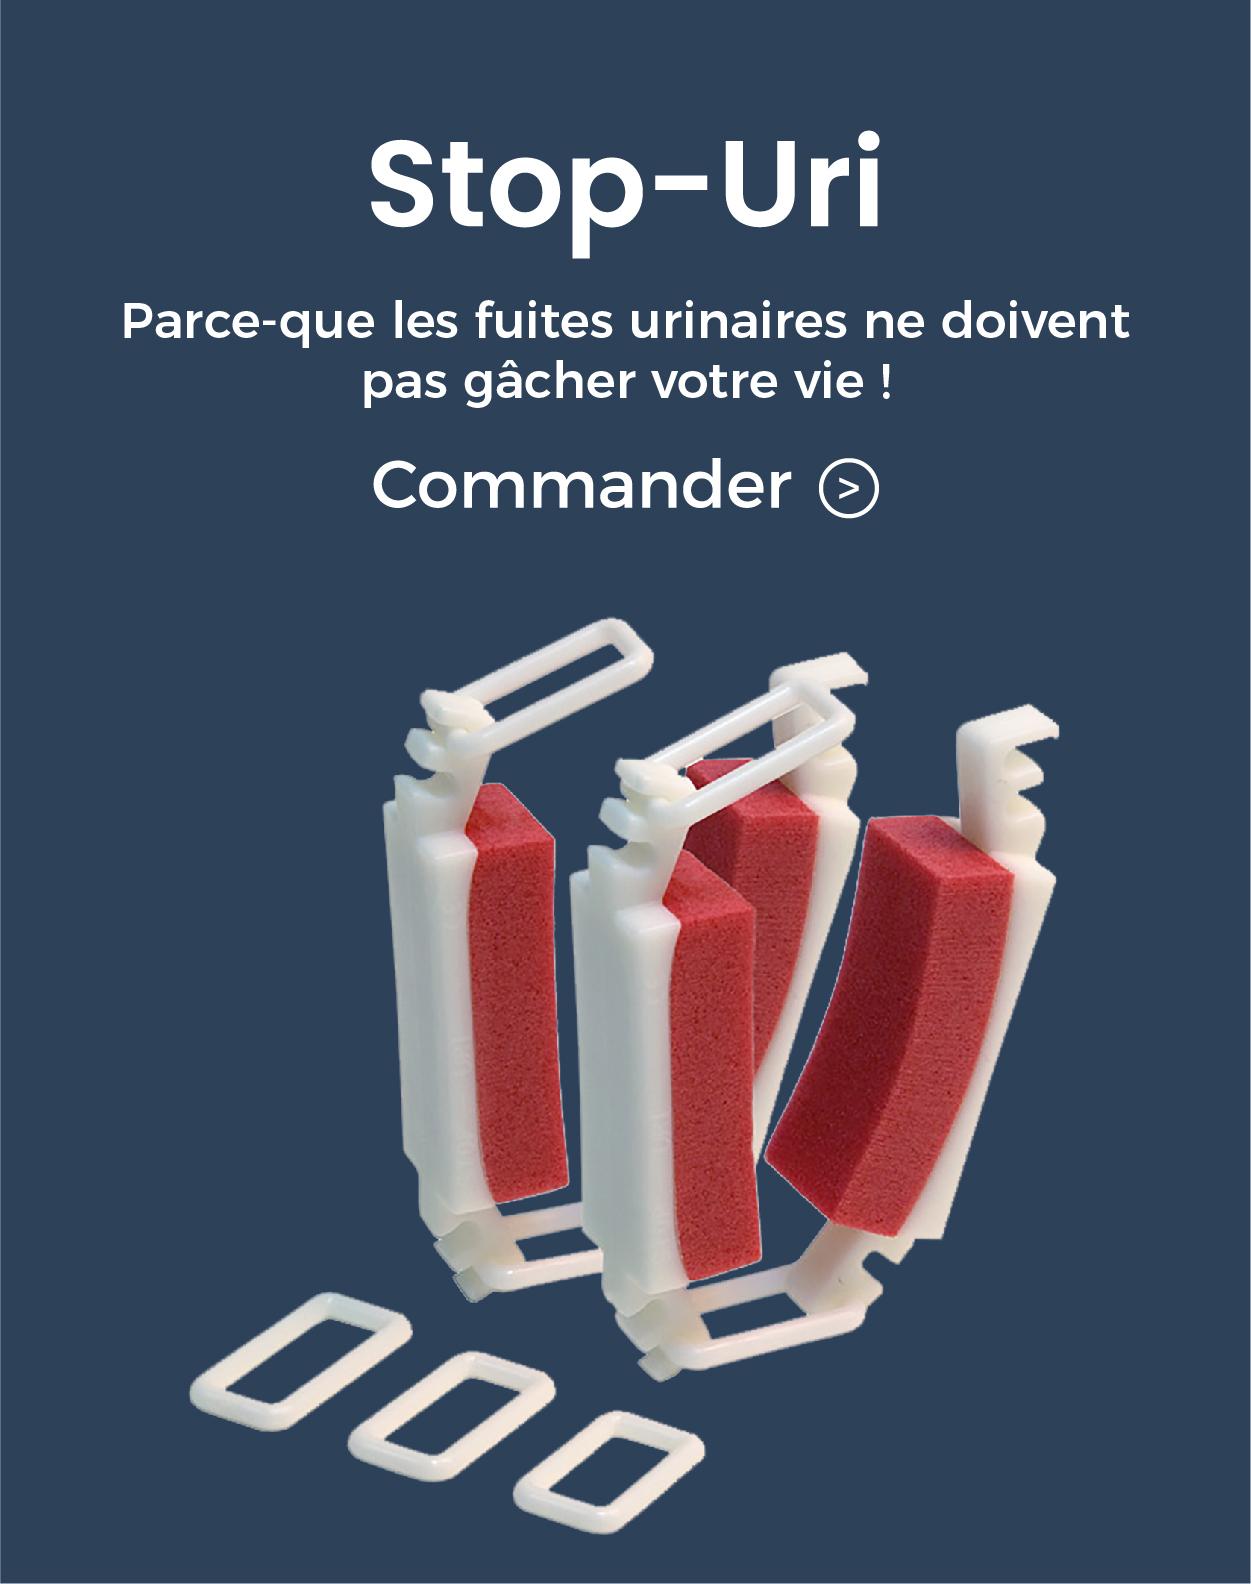 pub stop-uri dispositif medical contre les fuites urinaires pour incontinence homme